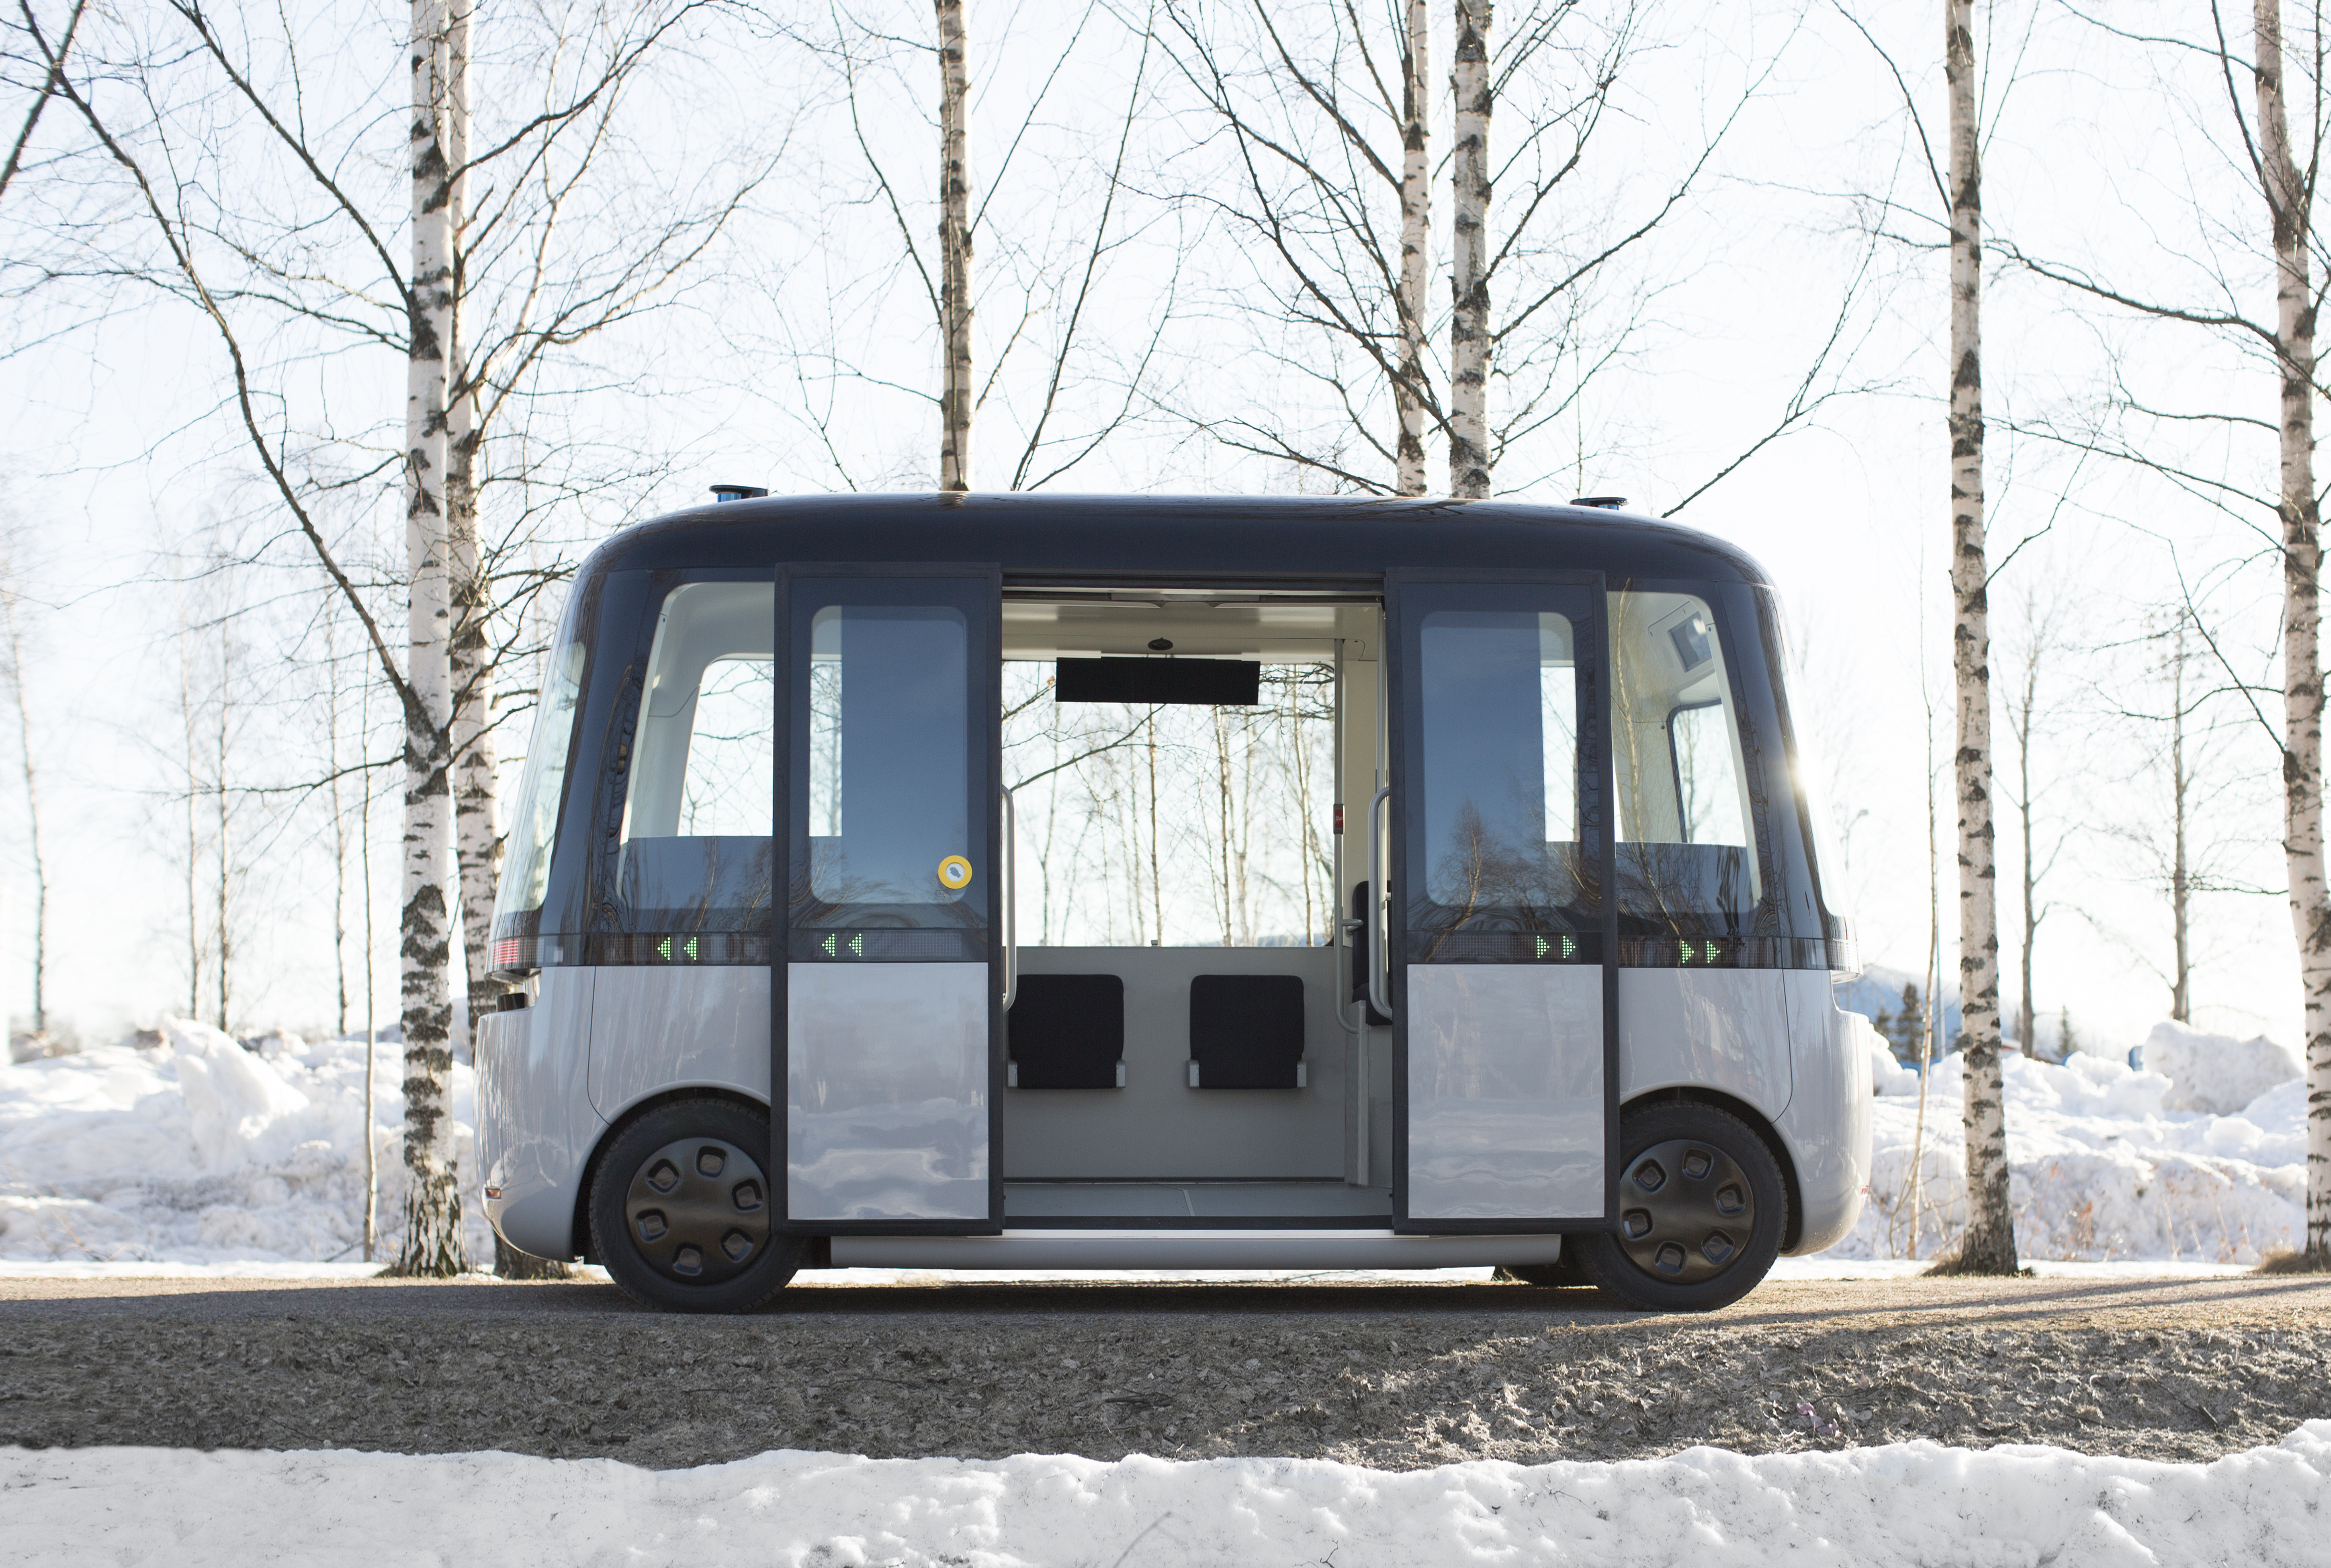 Gacha è la nuova navetta a guida autonoma senza conducente